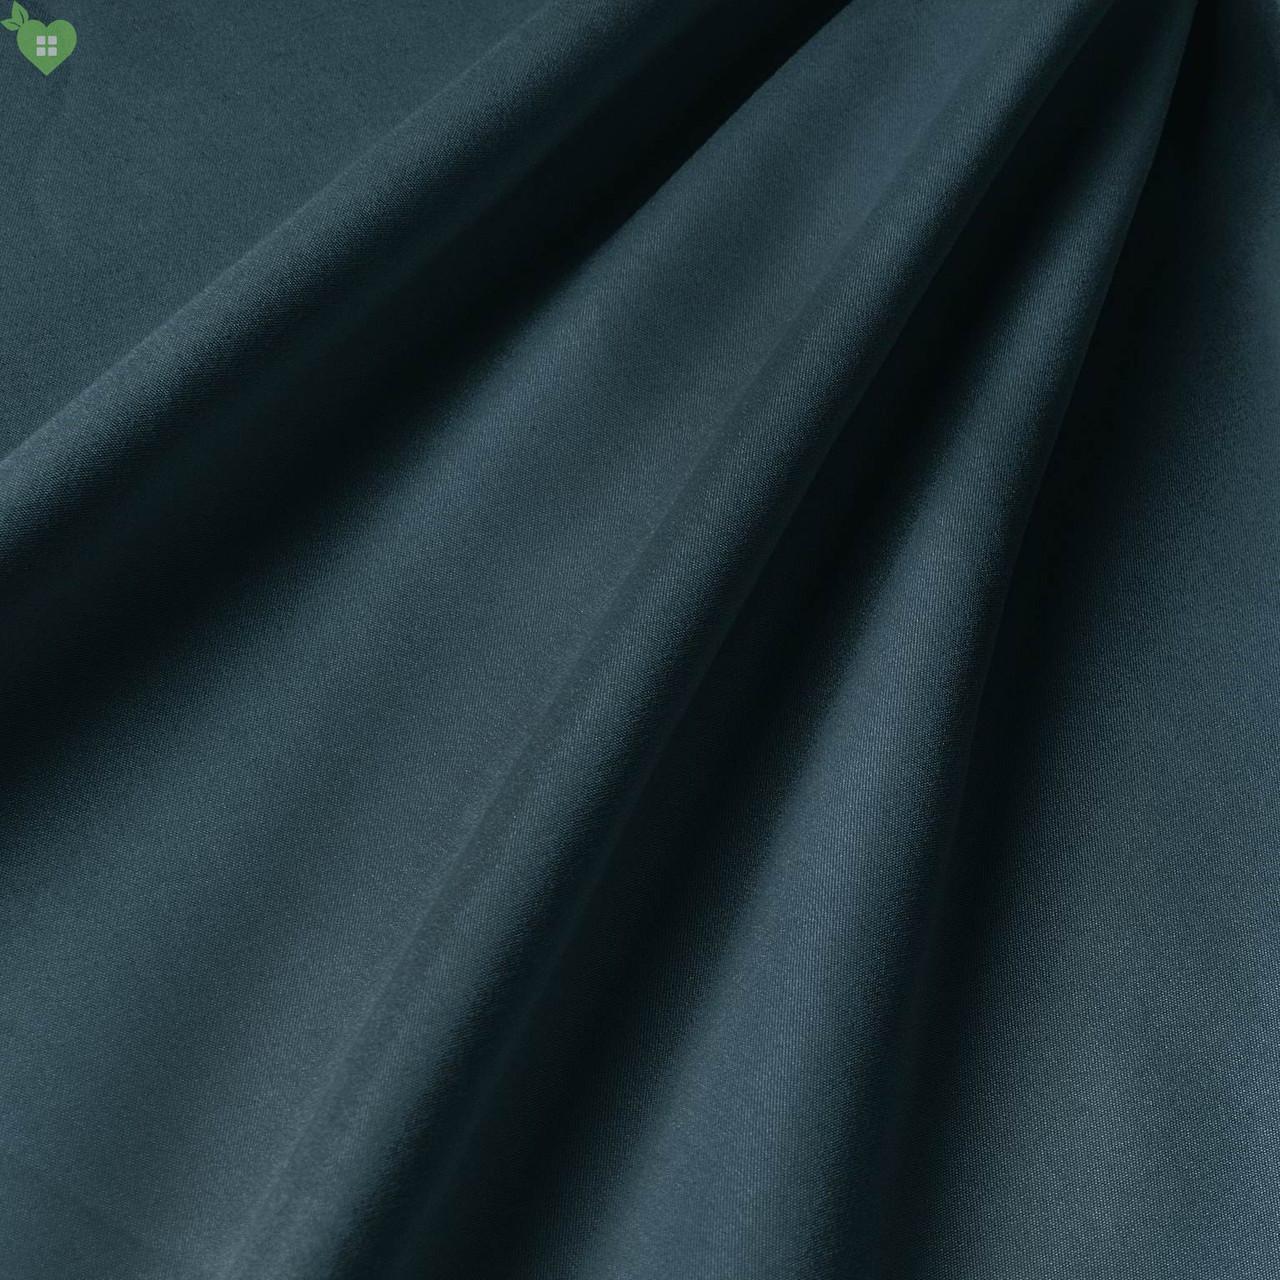 Подкладочная ткань с персиковой фактурой темного пурпурно-синего цвета Испания 83326v29